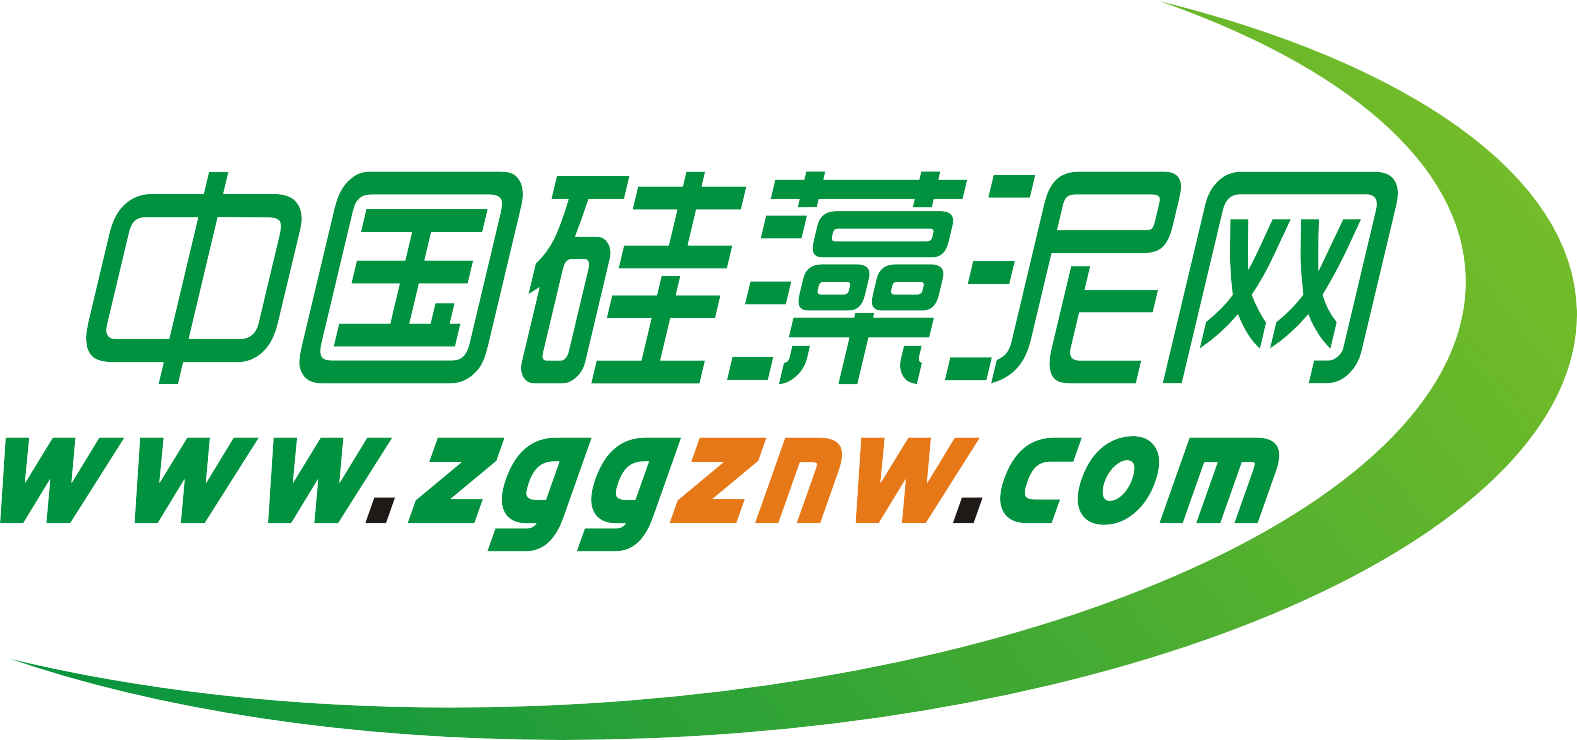 深圳市硅藻动力信息技术有限公司logo